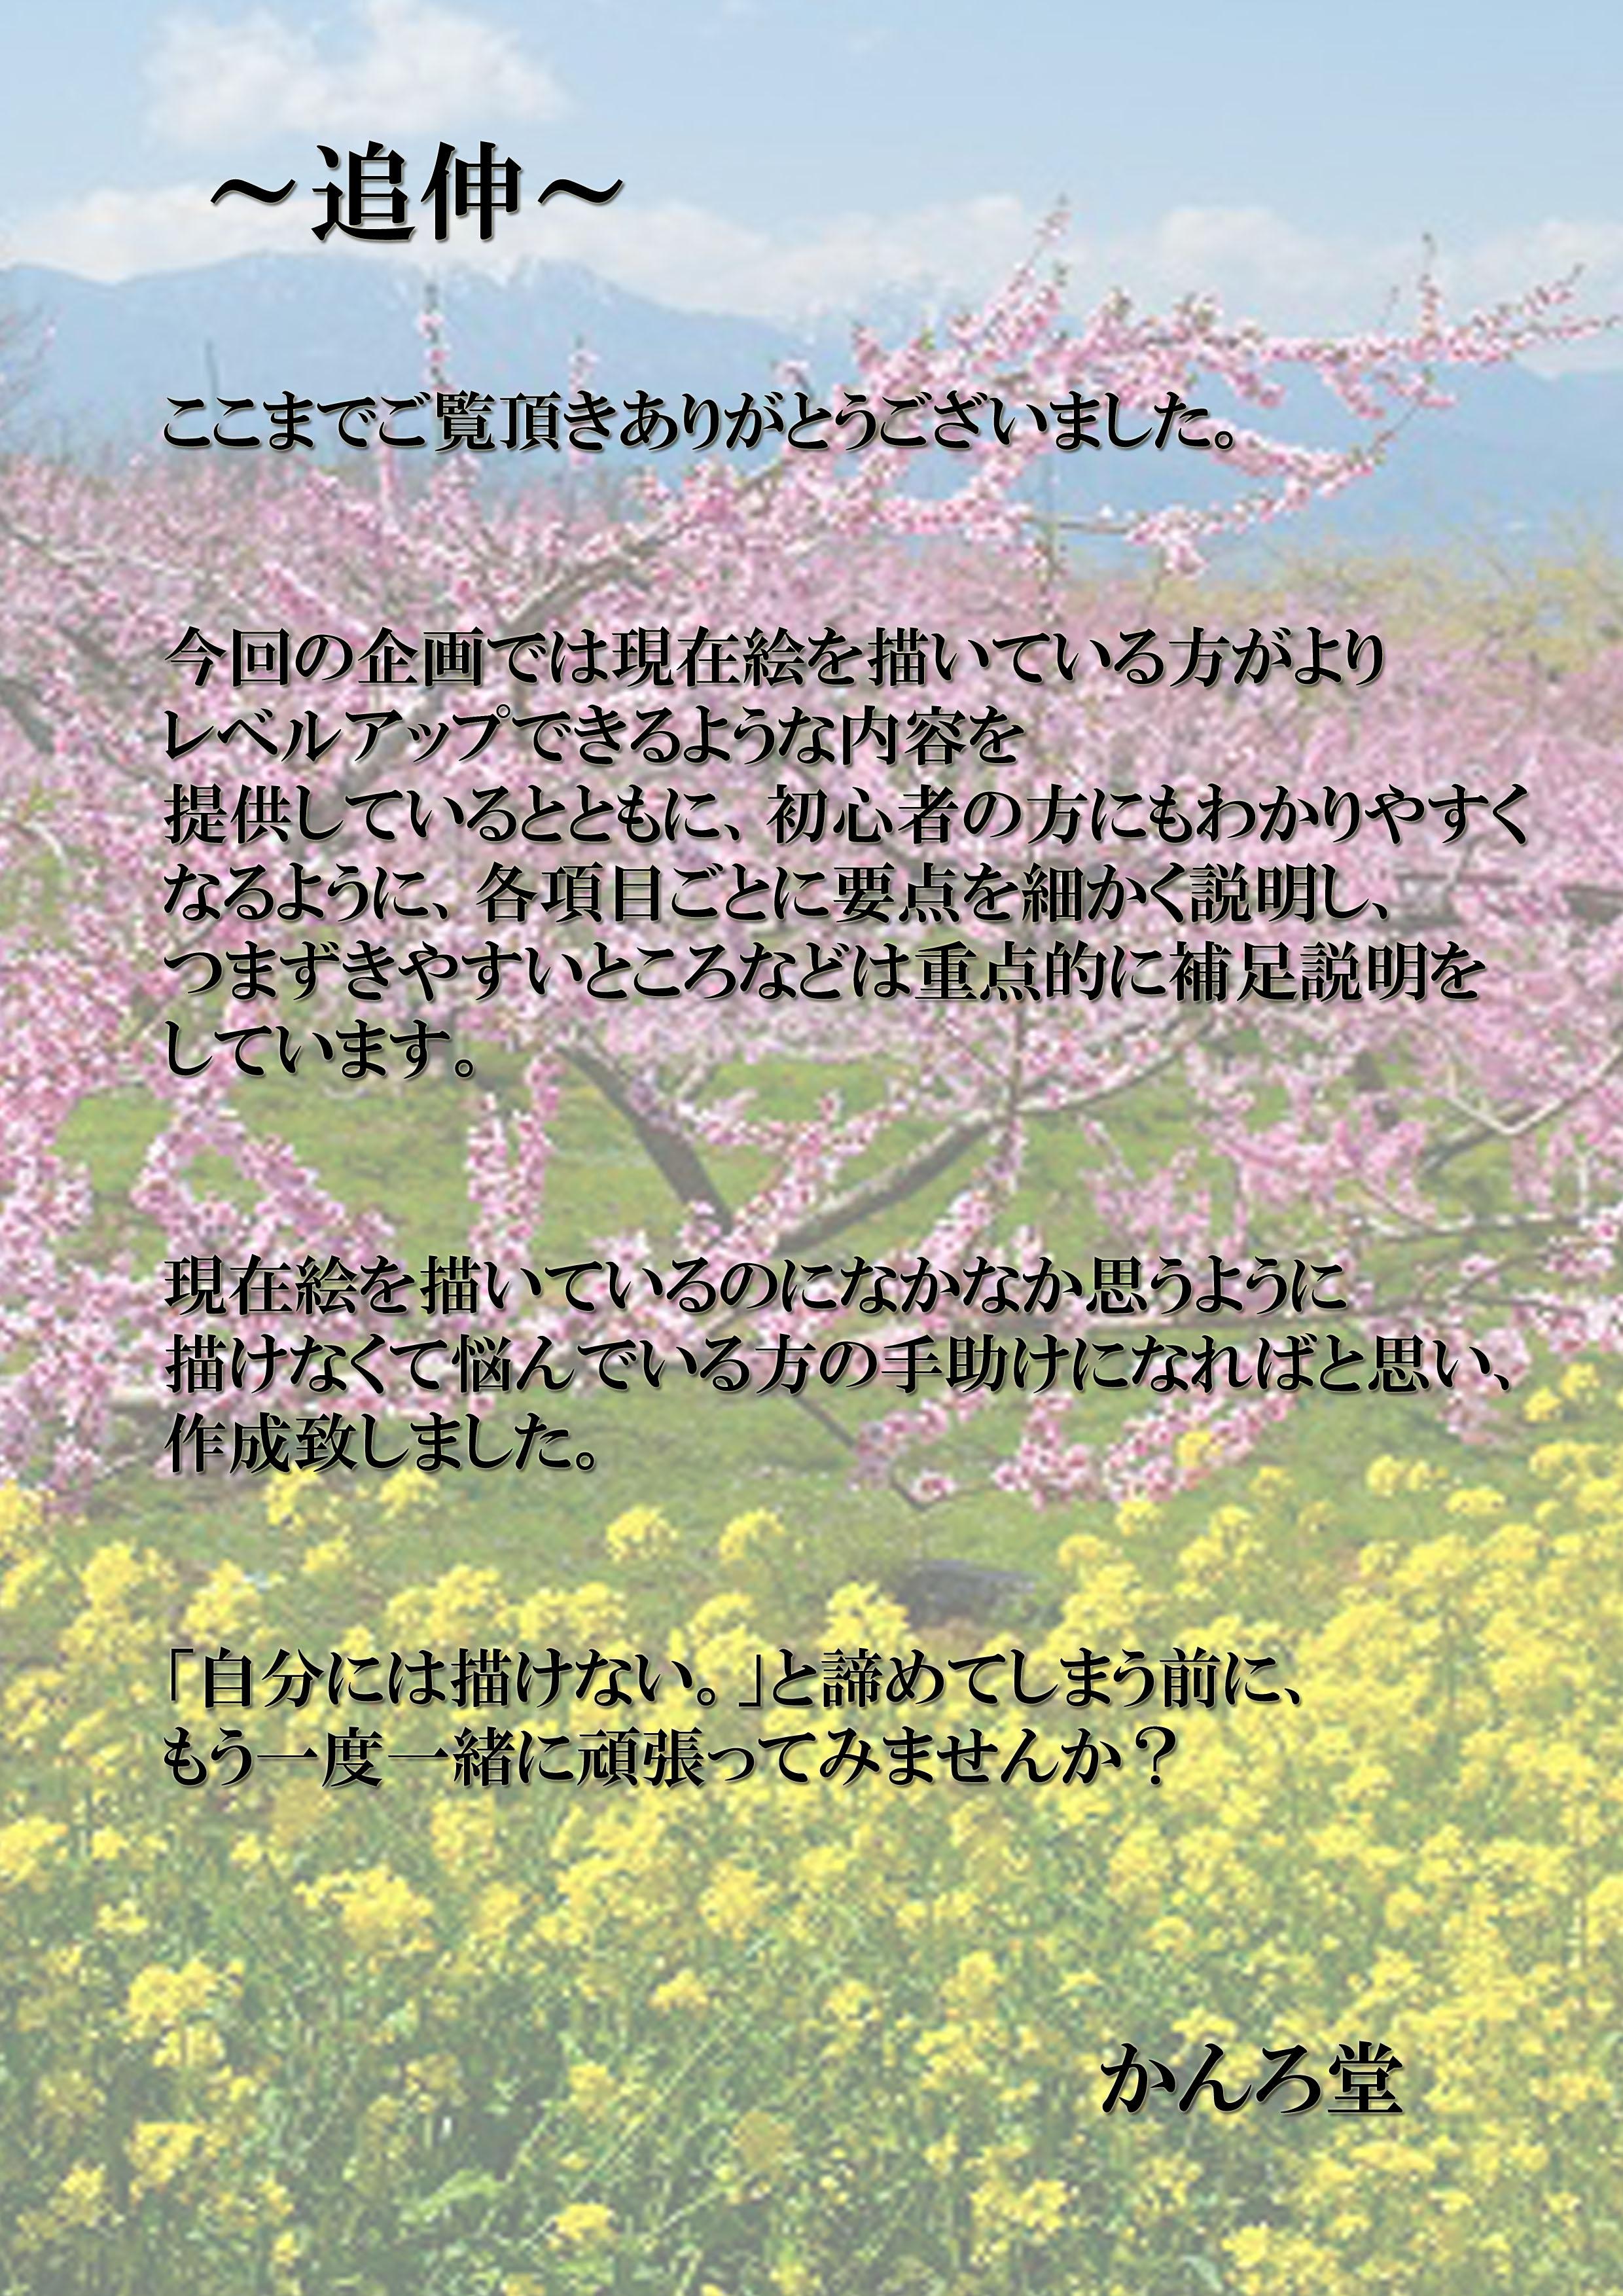 201511160336128b2.jpg